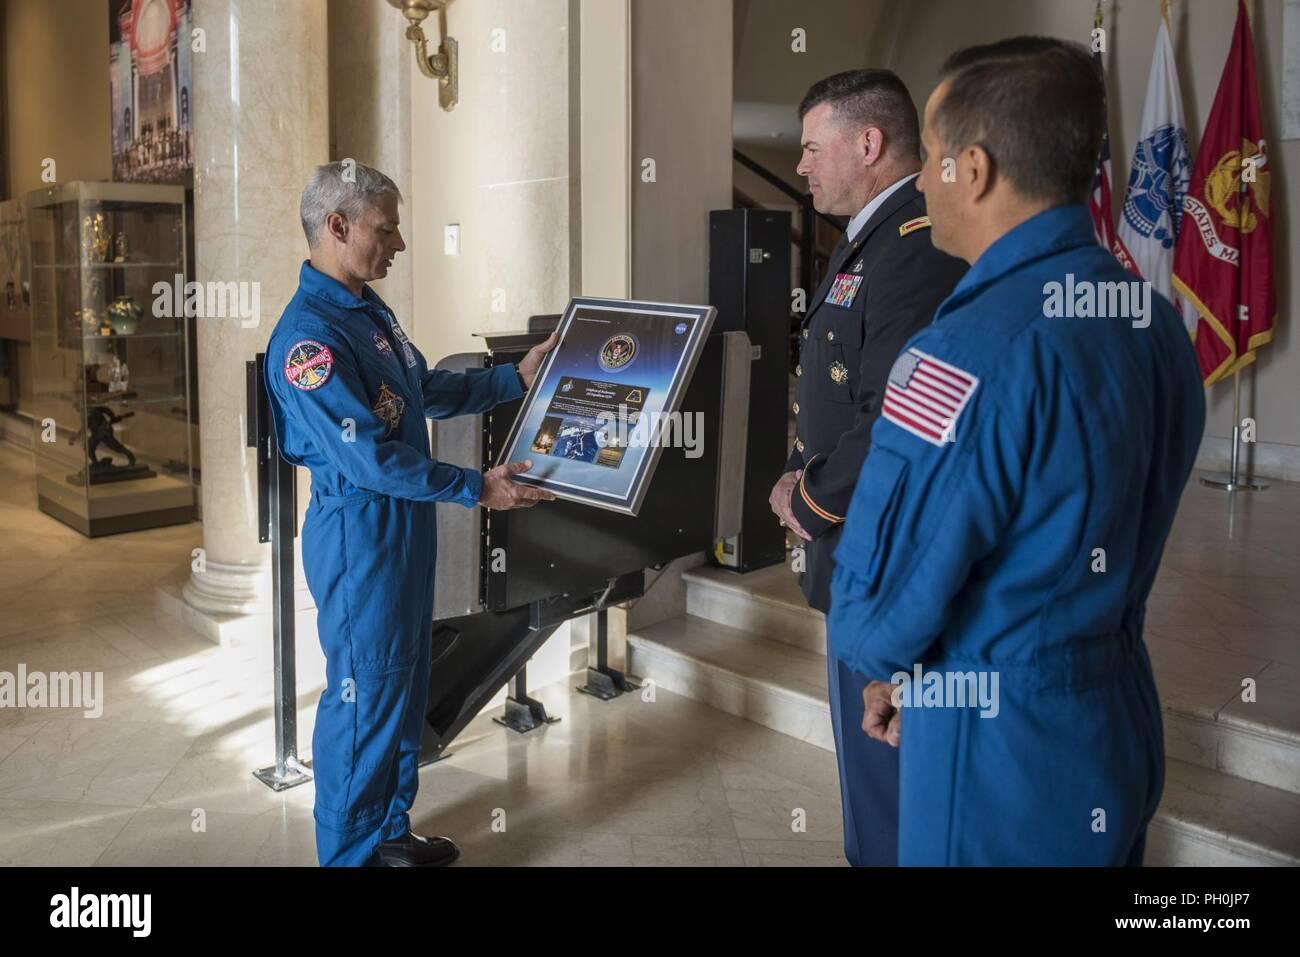 NASA astronauts Mark Vande Hei (center) and Joe Acaba (right